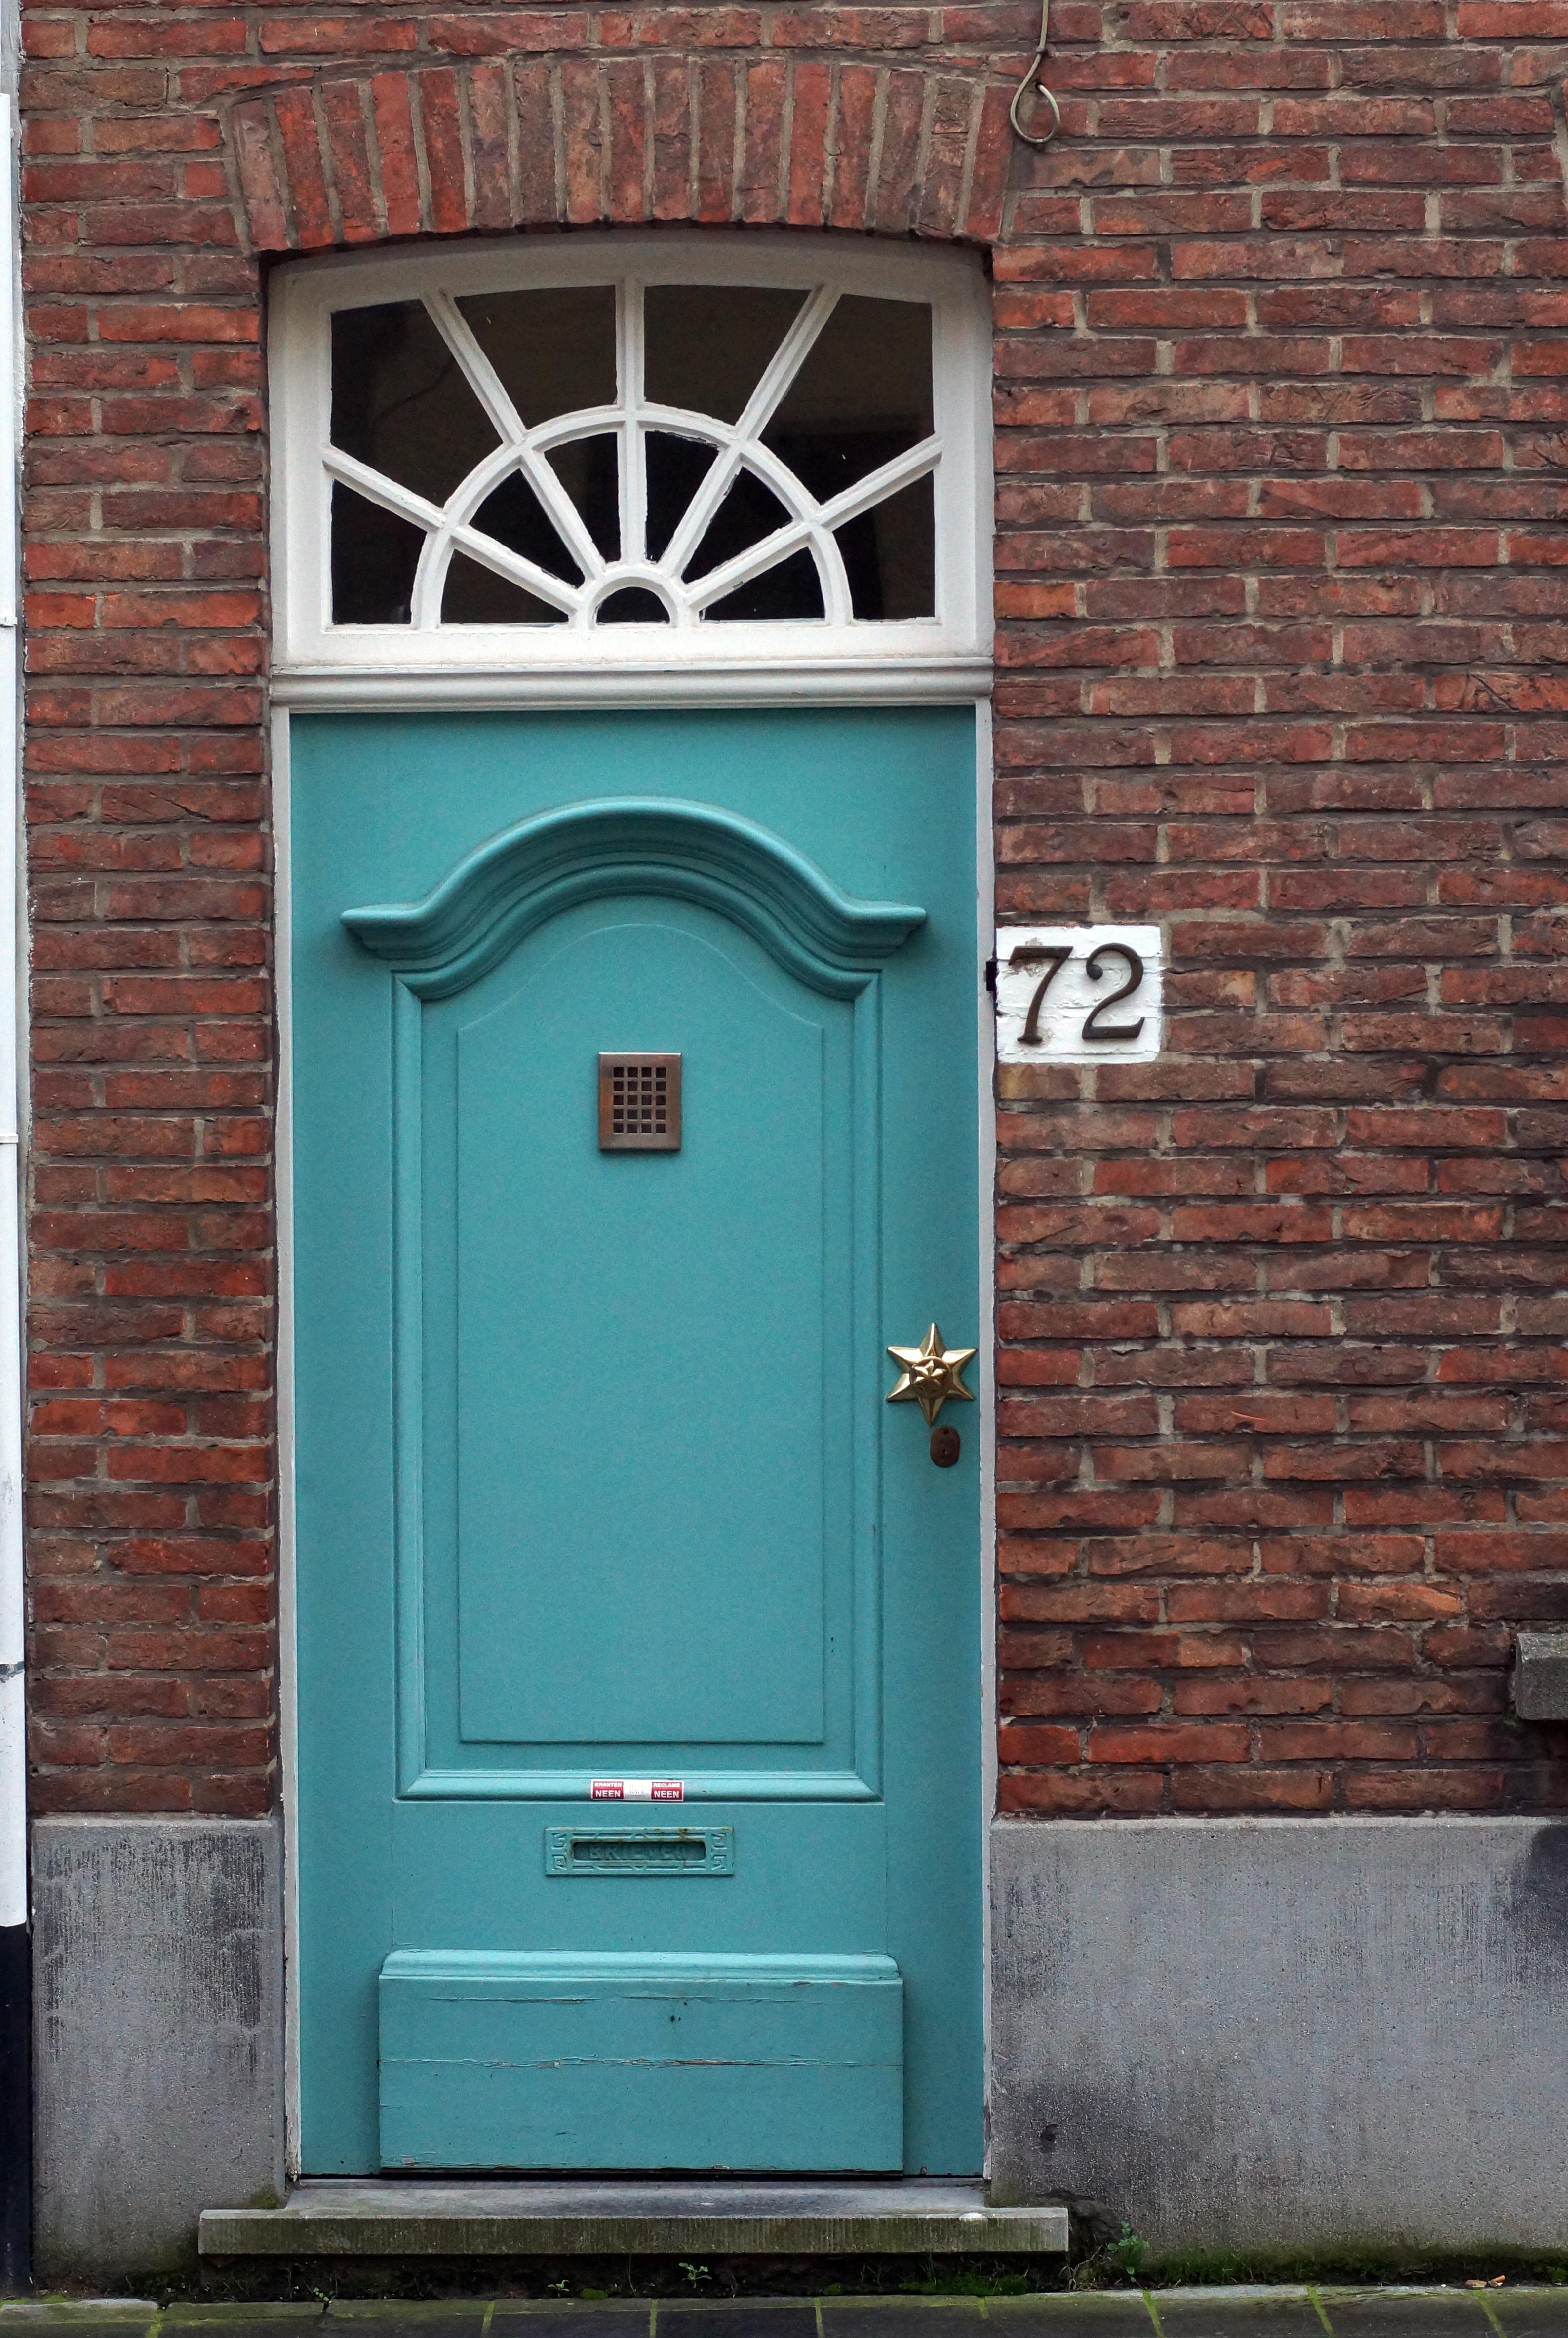 Holz Fenster Mauer Grün Rot Farbe Fassade Blau Ziegel Tür